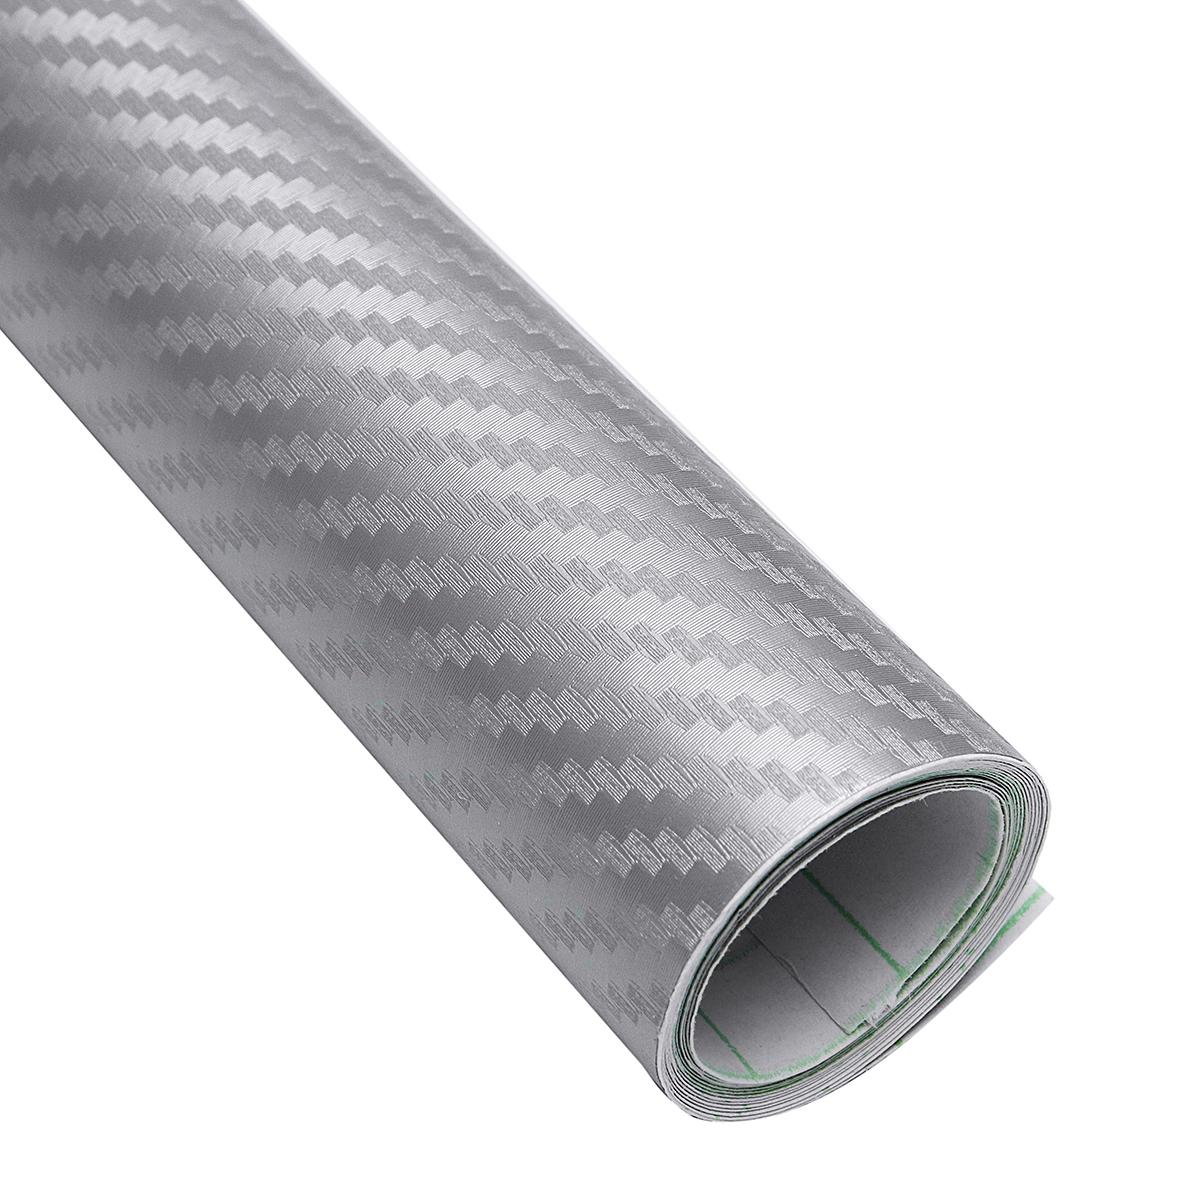 Ταινία προστατευτική Γκρι 152 x 200 cm 3D Carbon Fiber Film W-FA